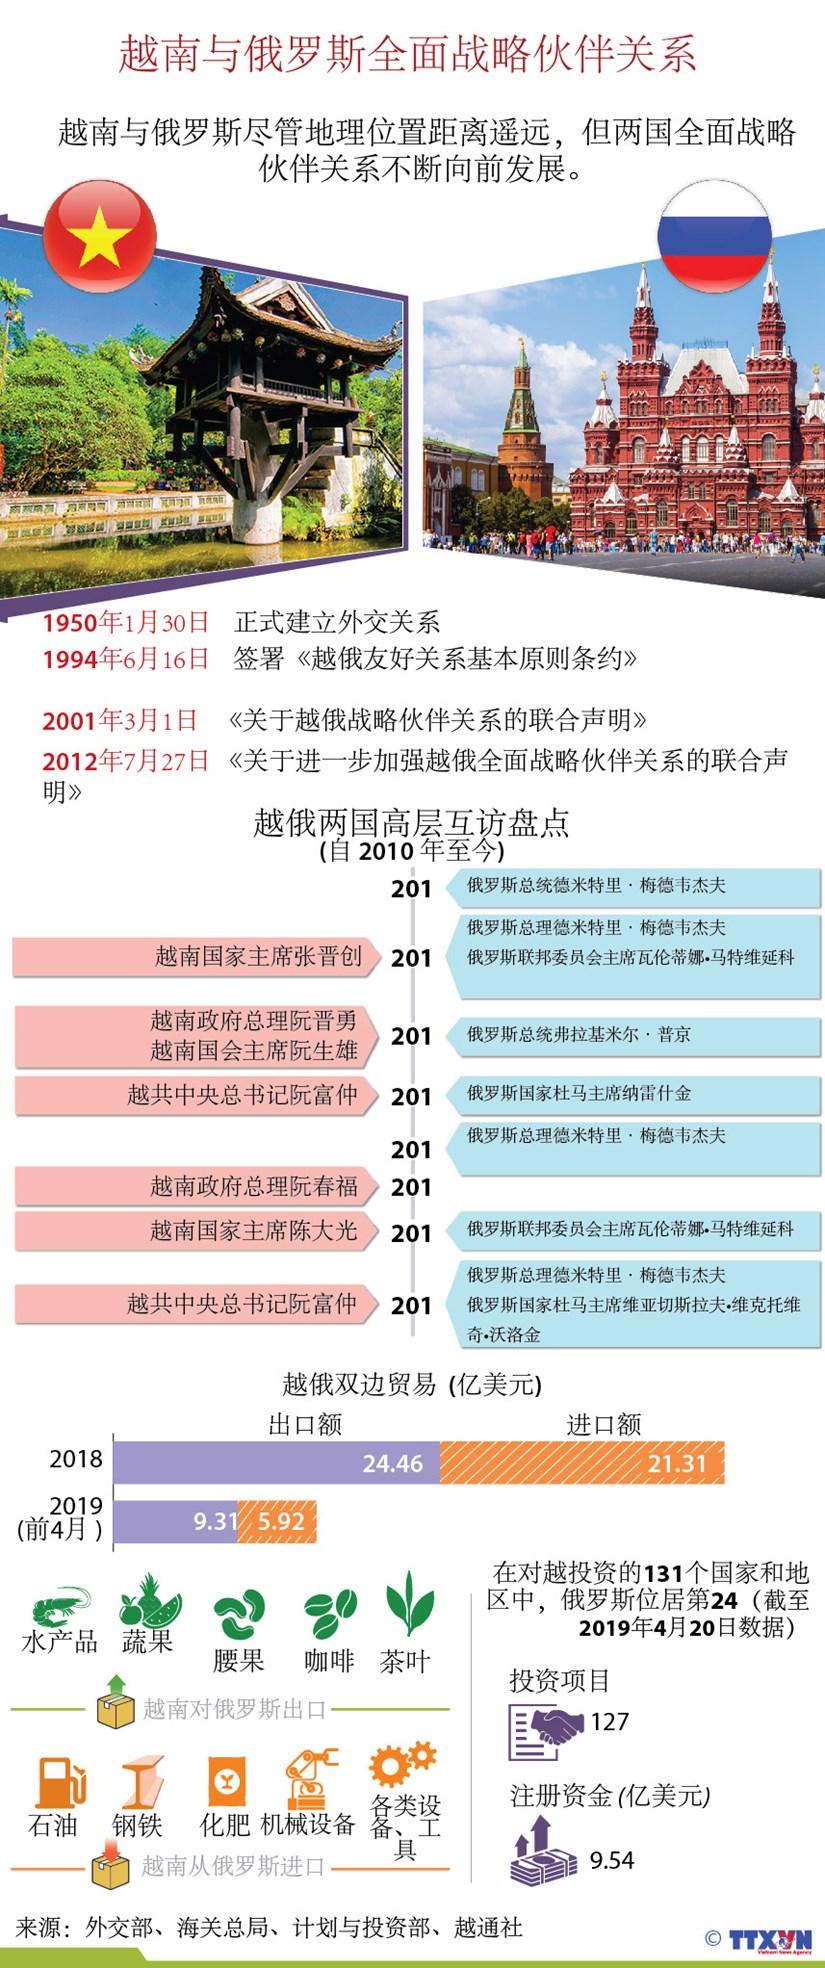 图表新闻:越南与俄罗斯全面战略伙伴关系简介 hinh anh 1